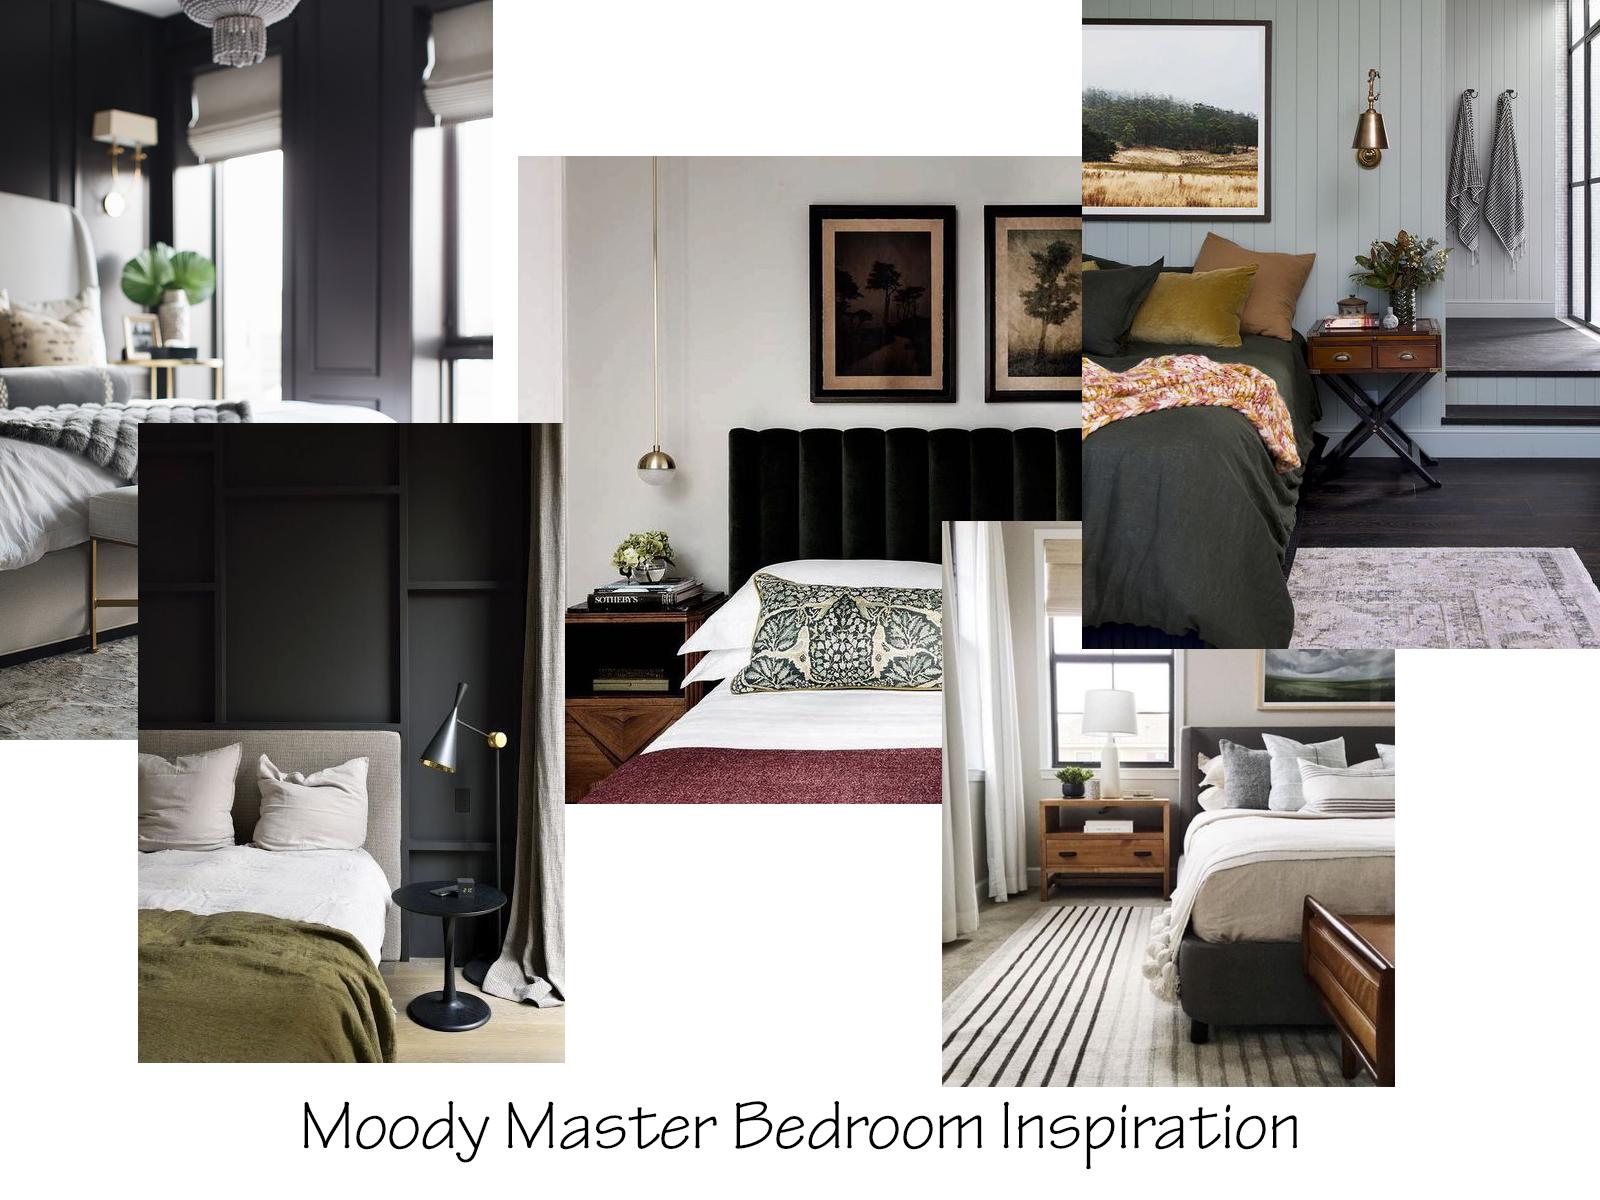 Moody Master Bedroom Inspiration